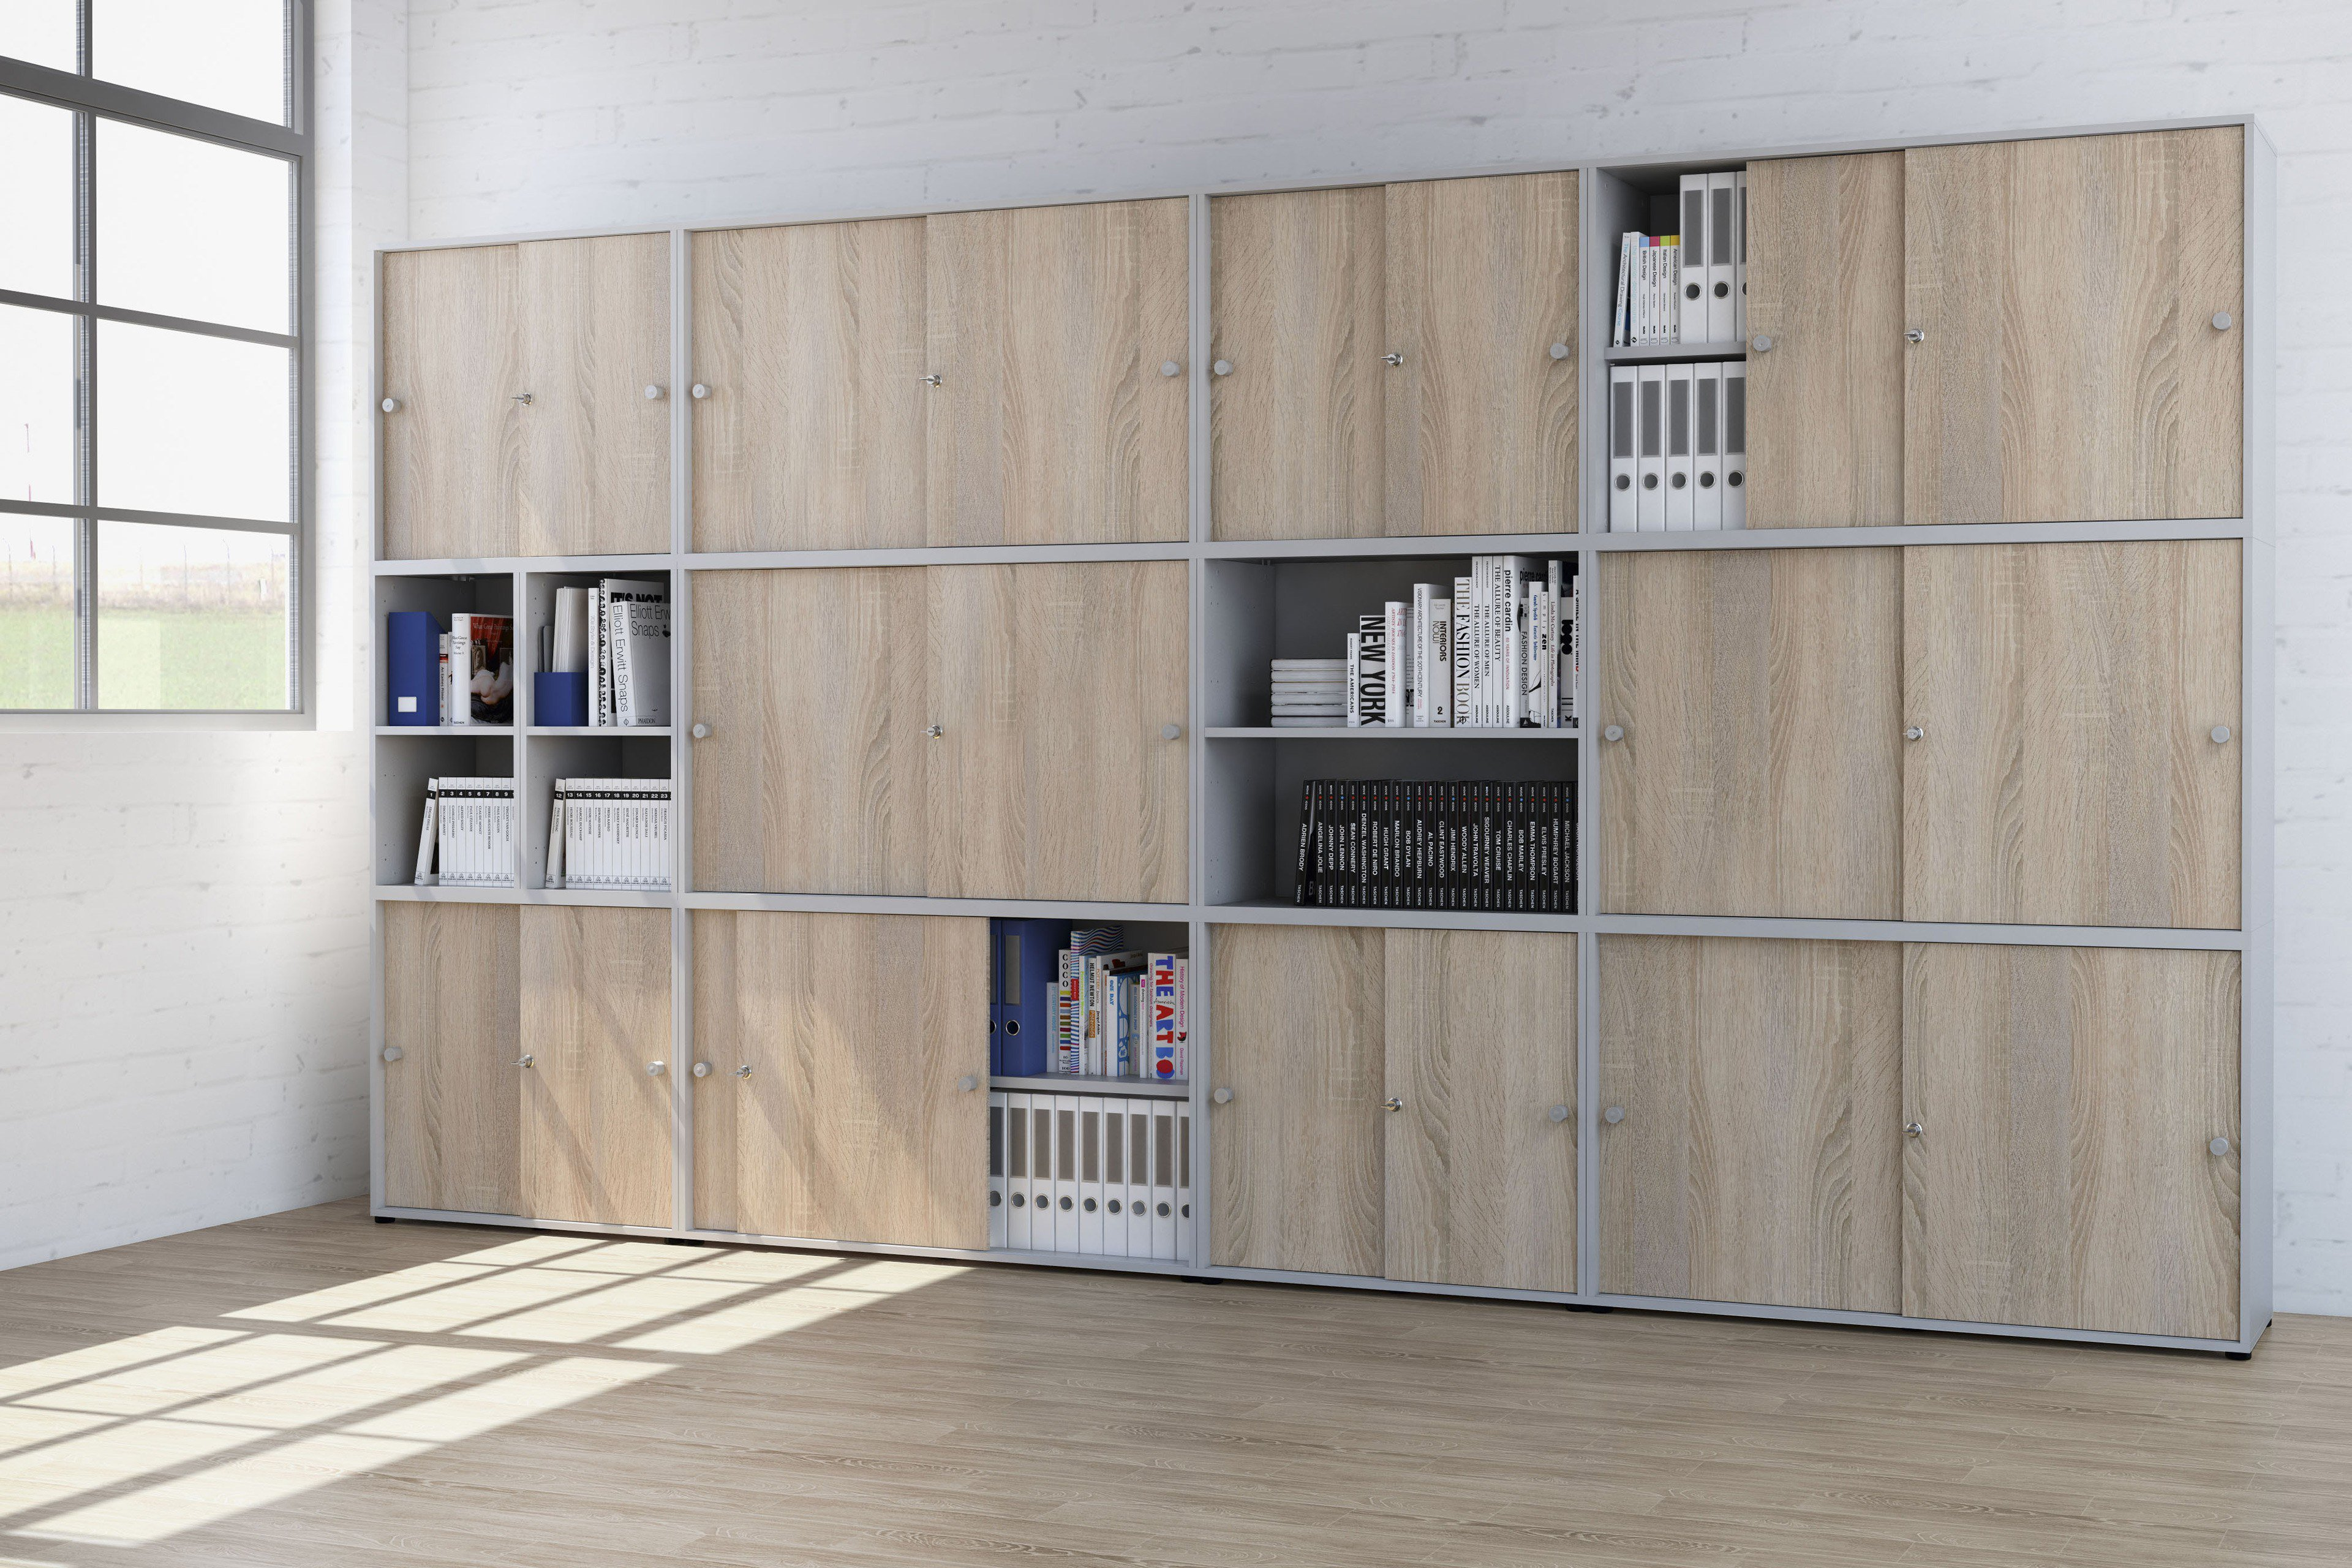 Ziemlich Welle Büromöbel Bilder - Die Besten Wohnideen - kinjolas.com